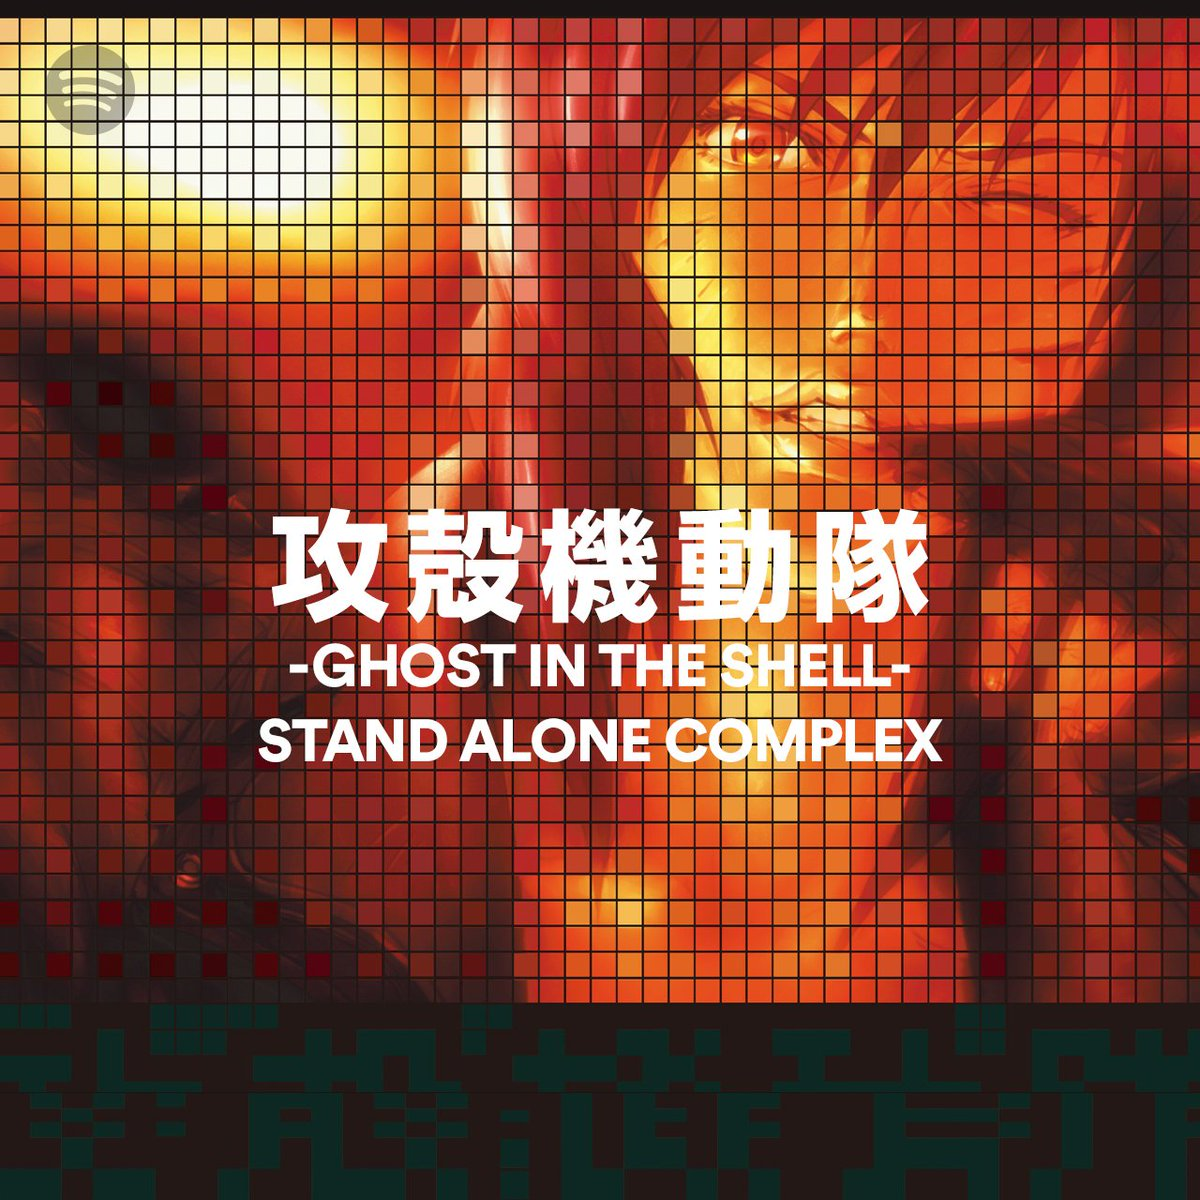 「#攻殻機動隊 STAND ALONE COMPLEX」プレイリスト登場🎧2020年シリーズ最新作 @NetflixJP 全世界配信決定を記念して楽曲が解禁🎧日本のみならず、国外でも高い人気を誇る攻殻機動隊の楽曲を聴いて作品の世界に飛び込もう👾▶